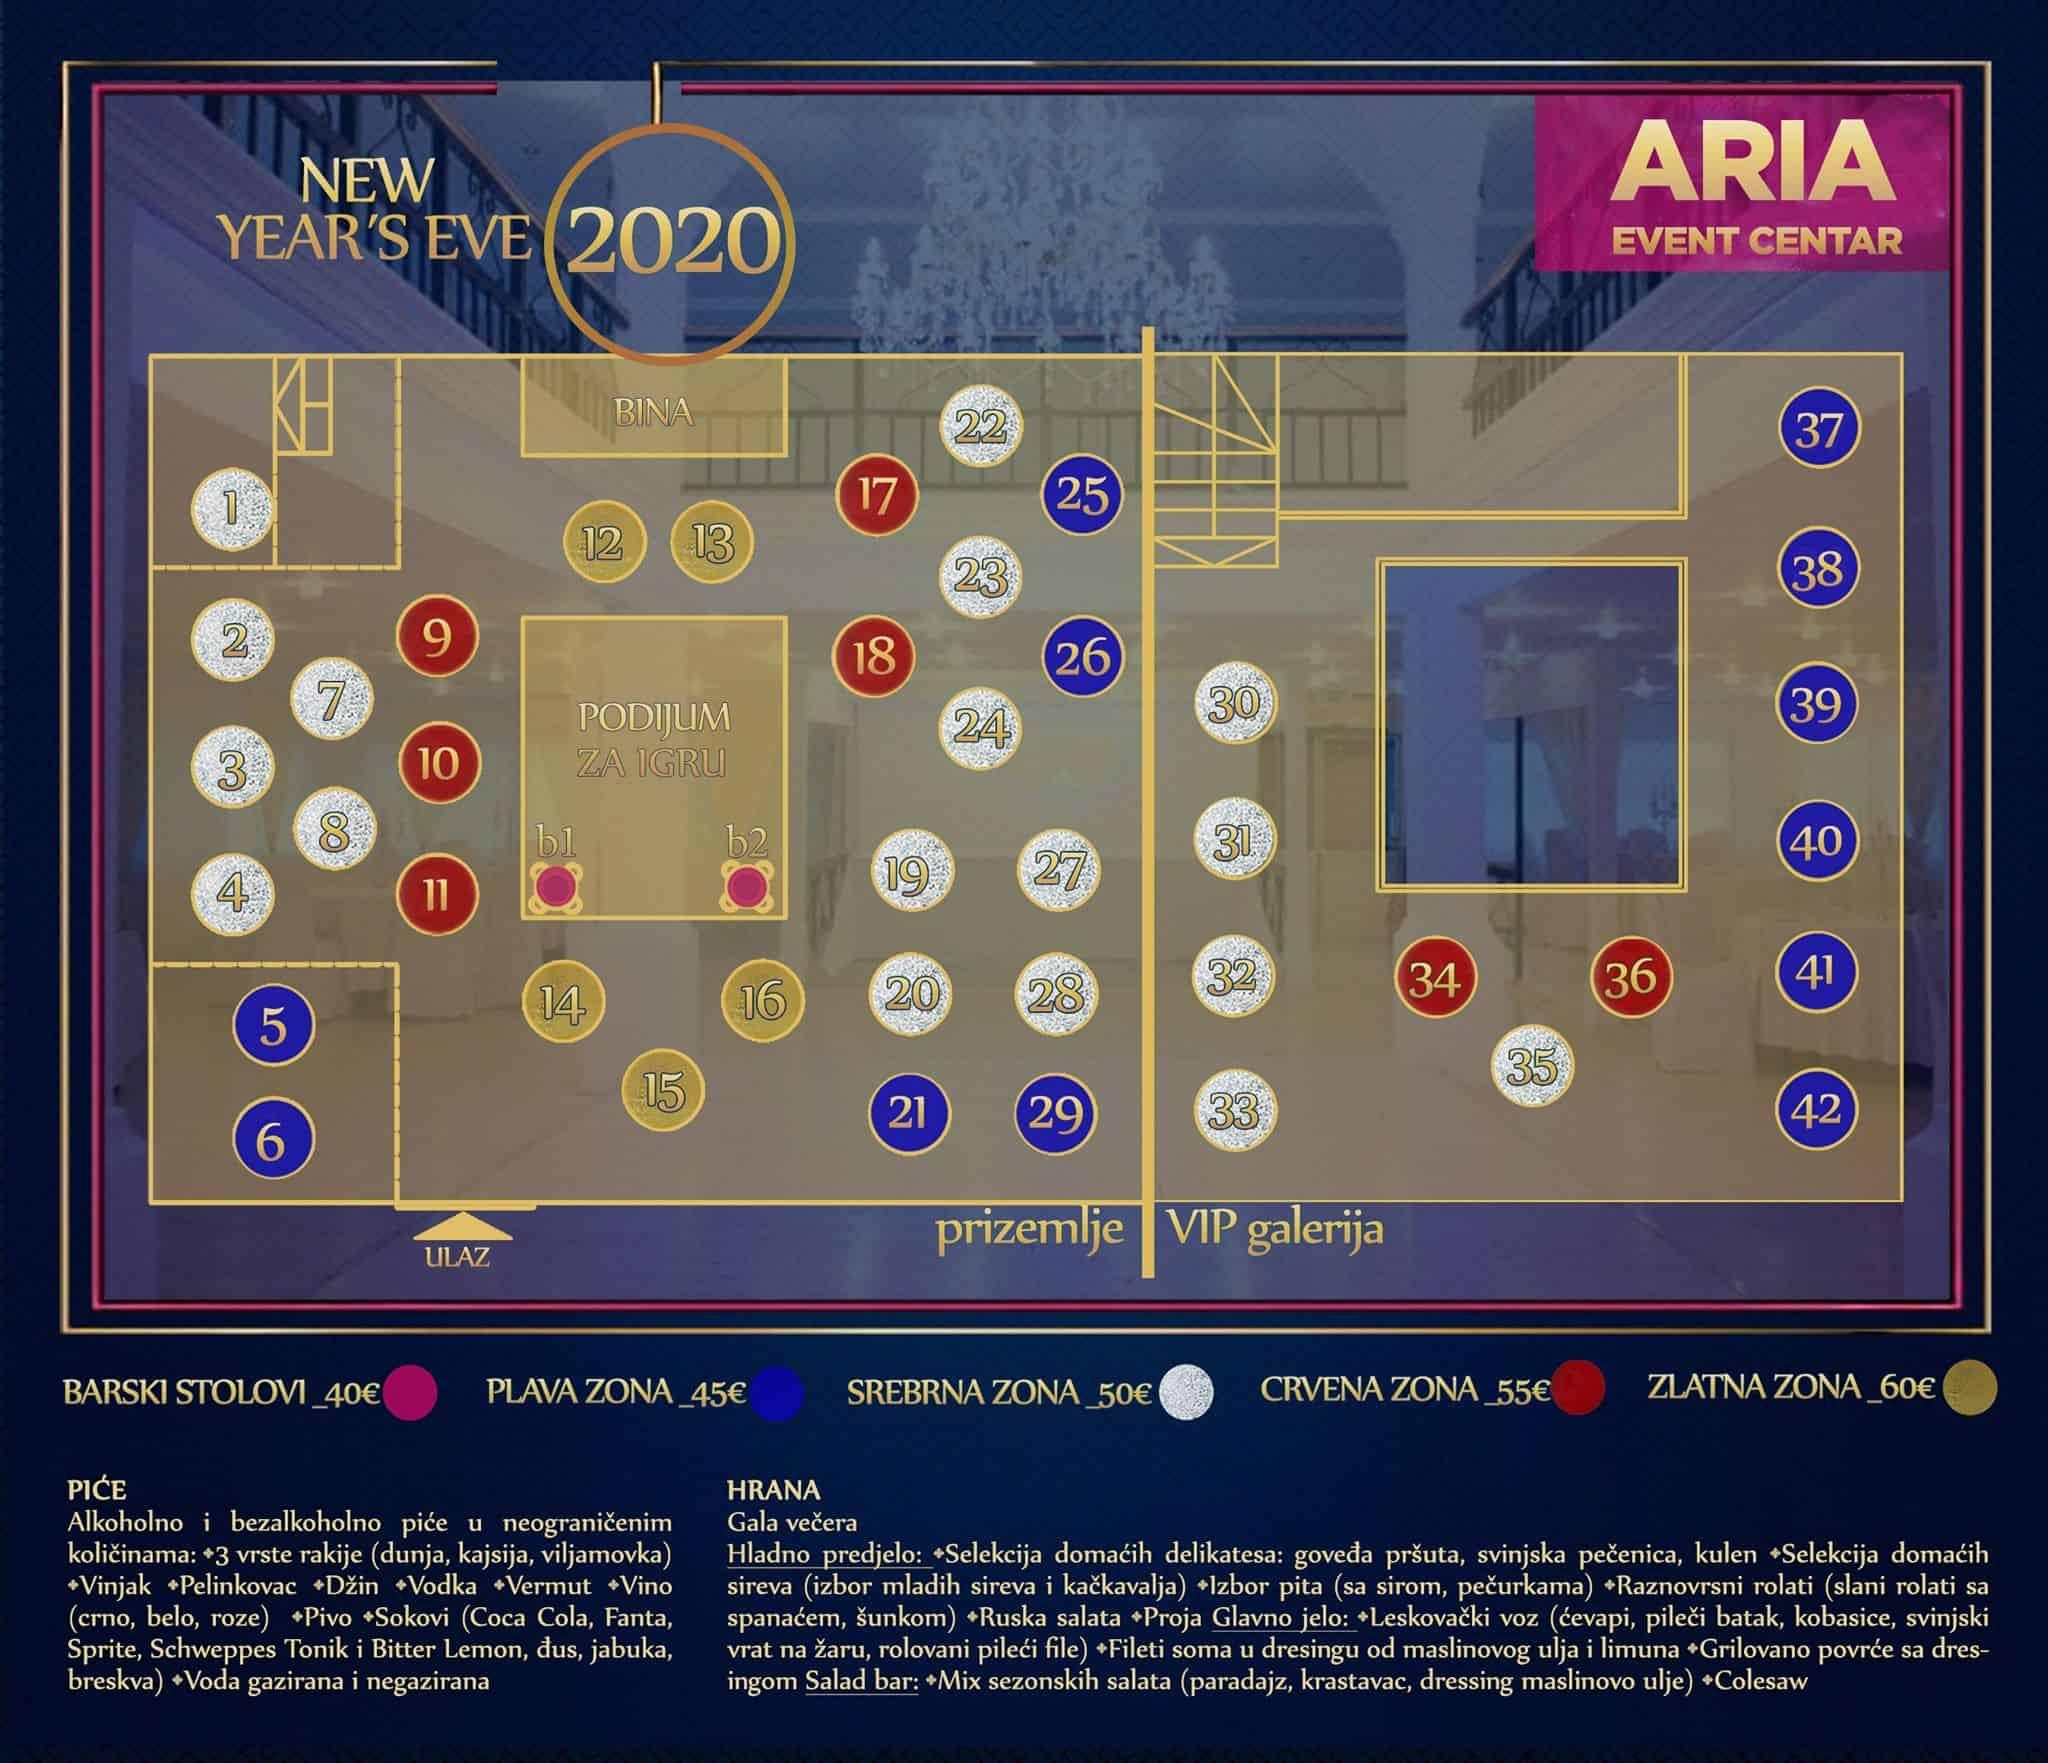 Docek Nove godine 2020 Beograd Aria Event Center mapa